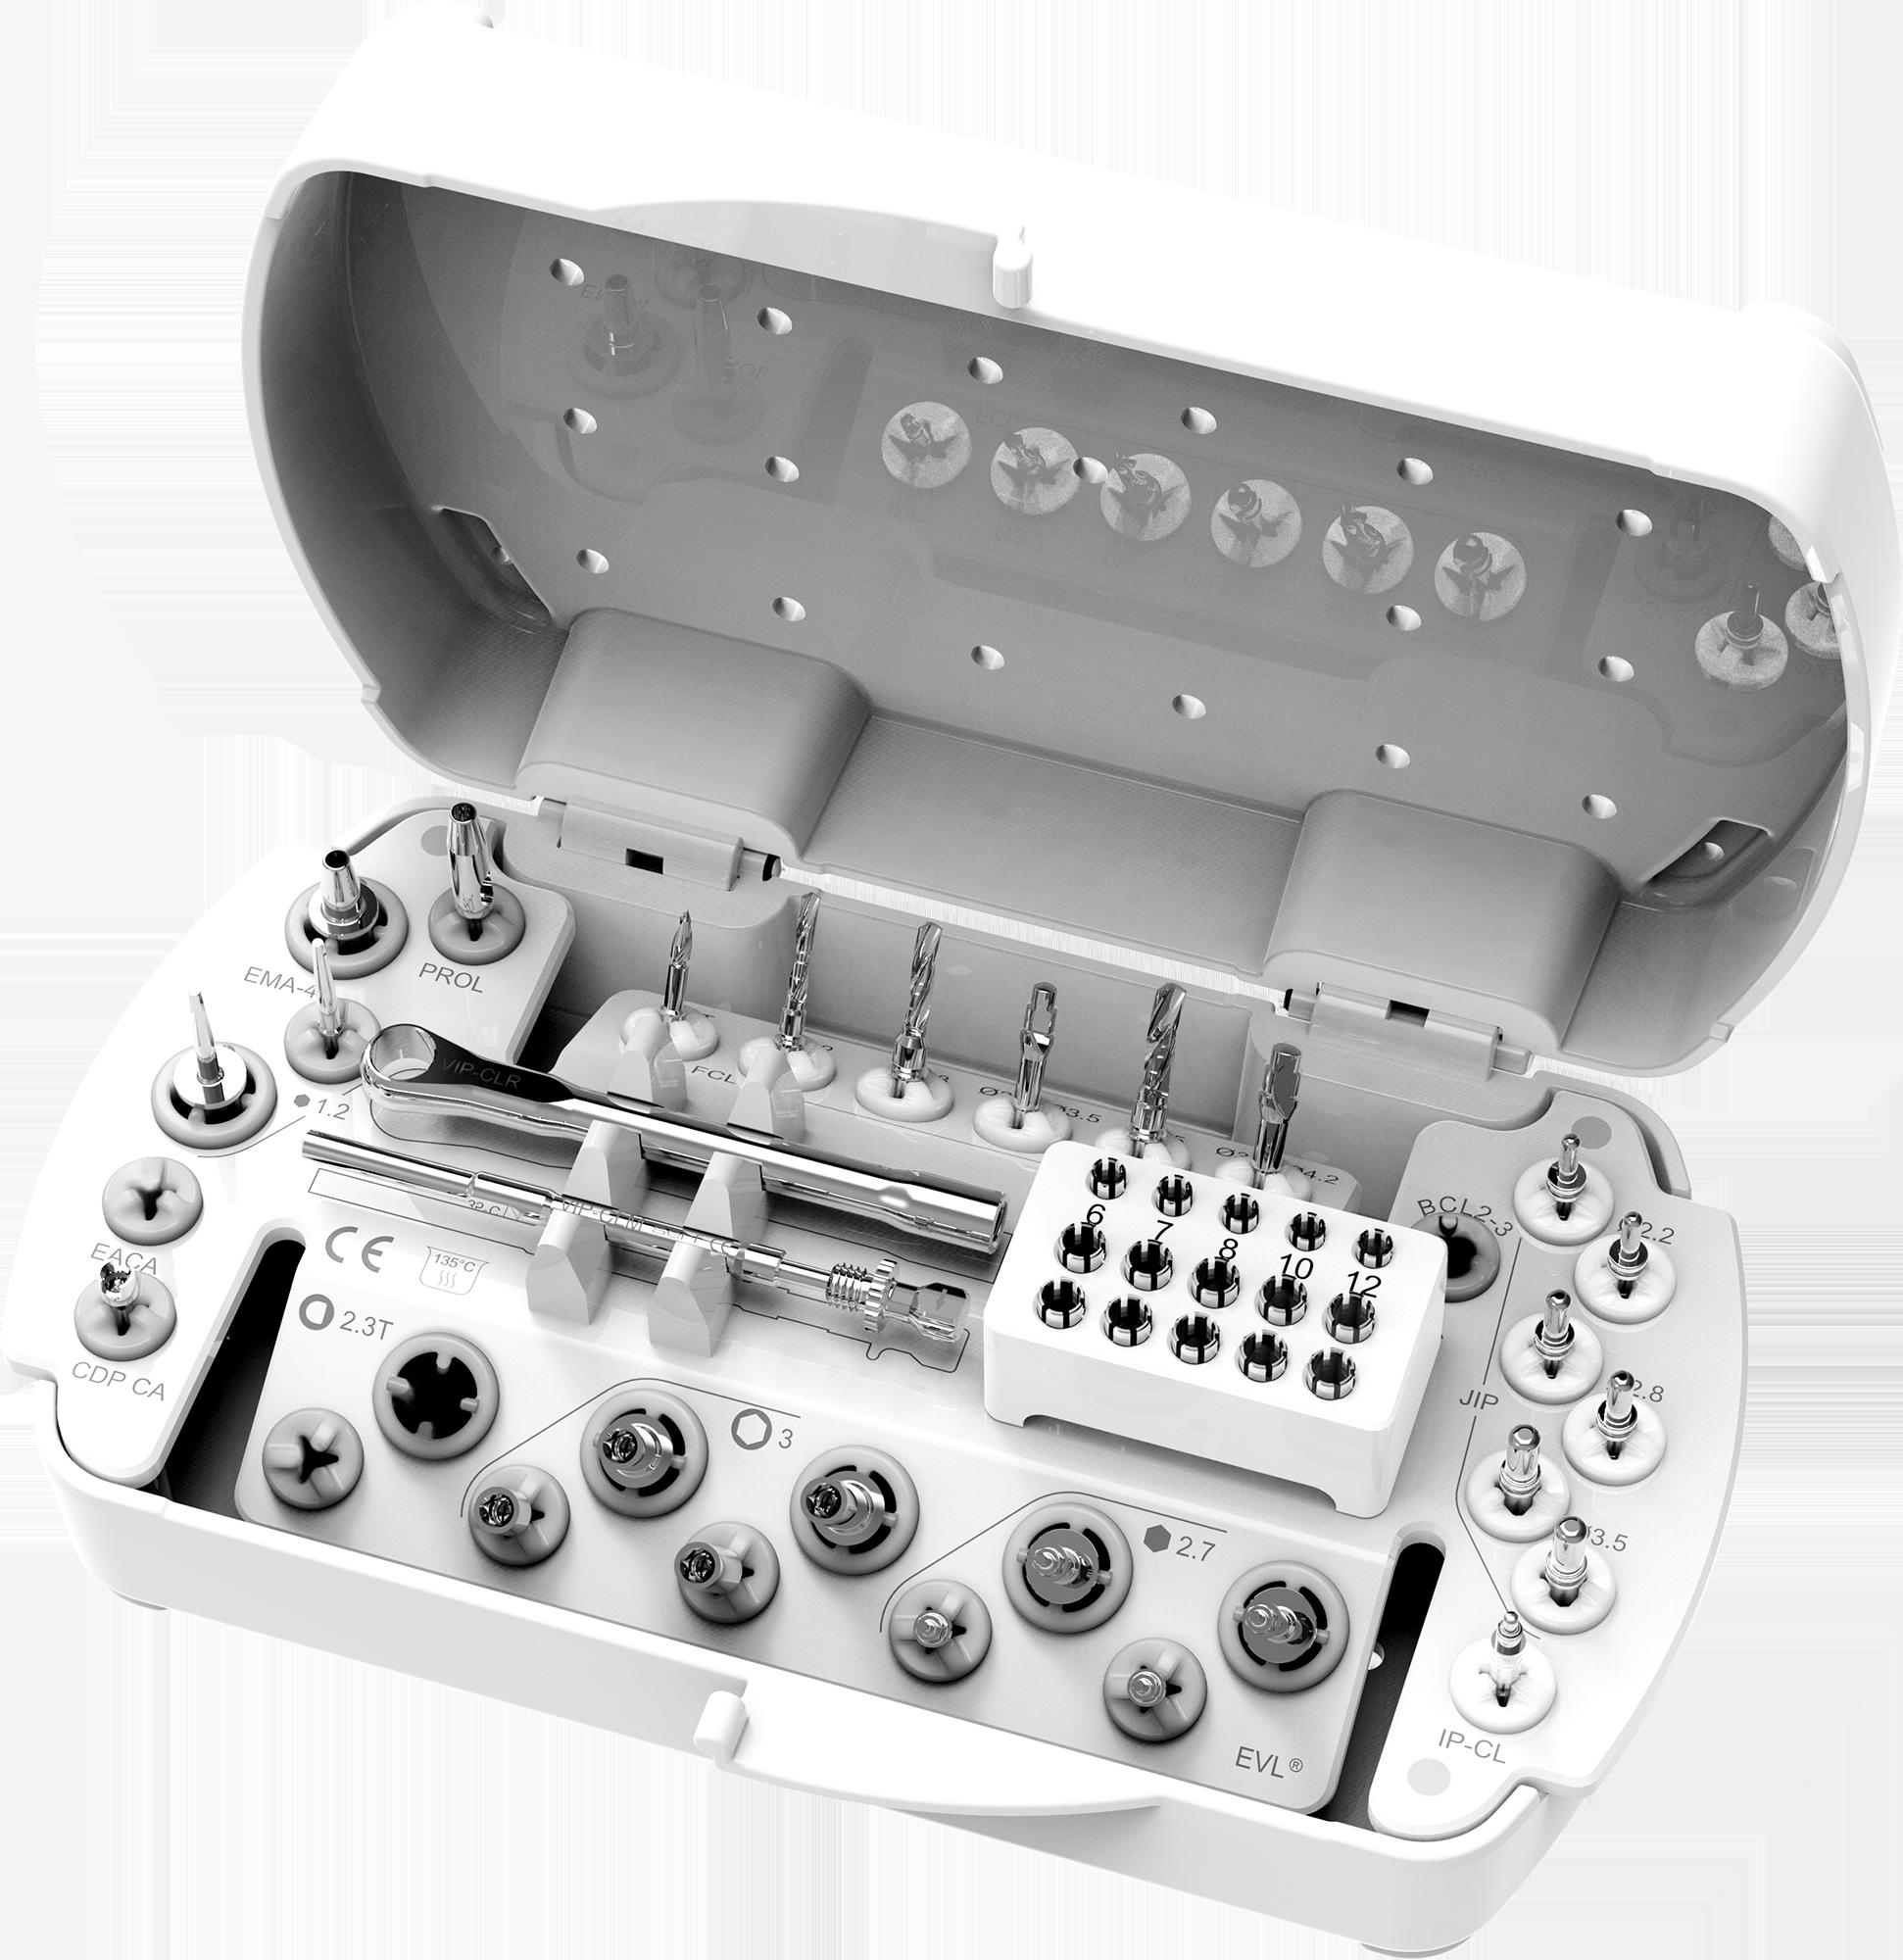 Trousse de Chirurgie pour système implantaire EVL®